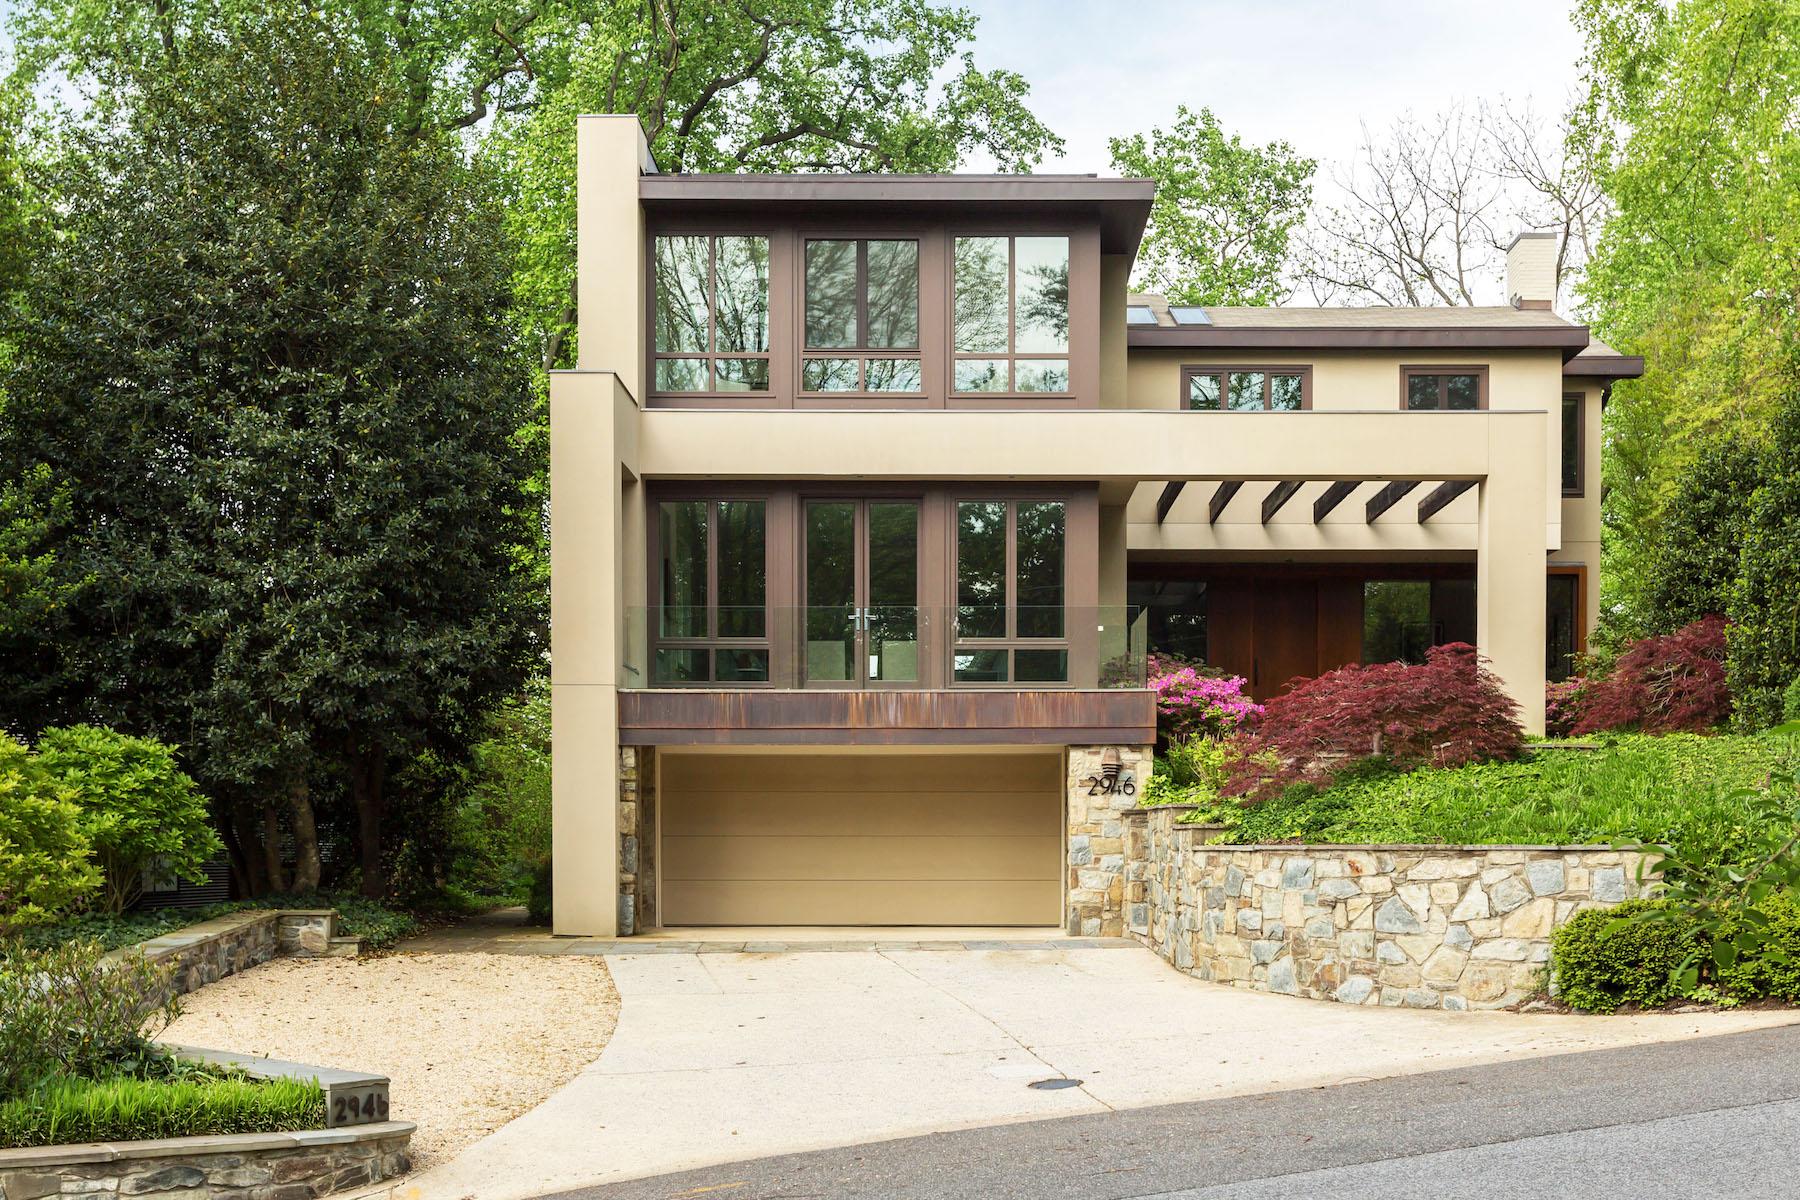 独户住宅 为 销售 在 Kent 2946 Chain Bridge Road Nw 华盛顿市, 哥伦比亚特区, 20016 美国